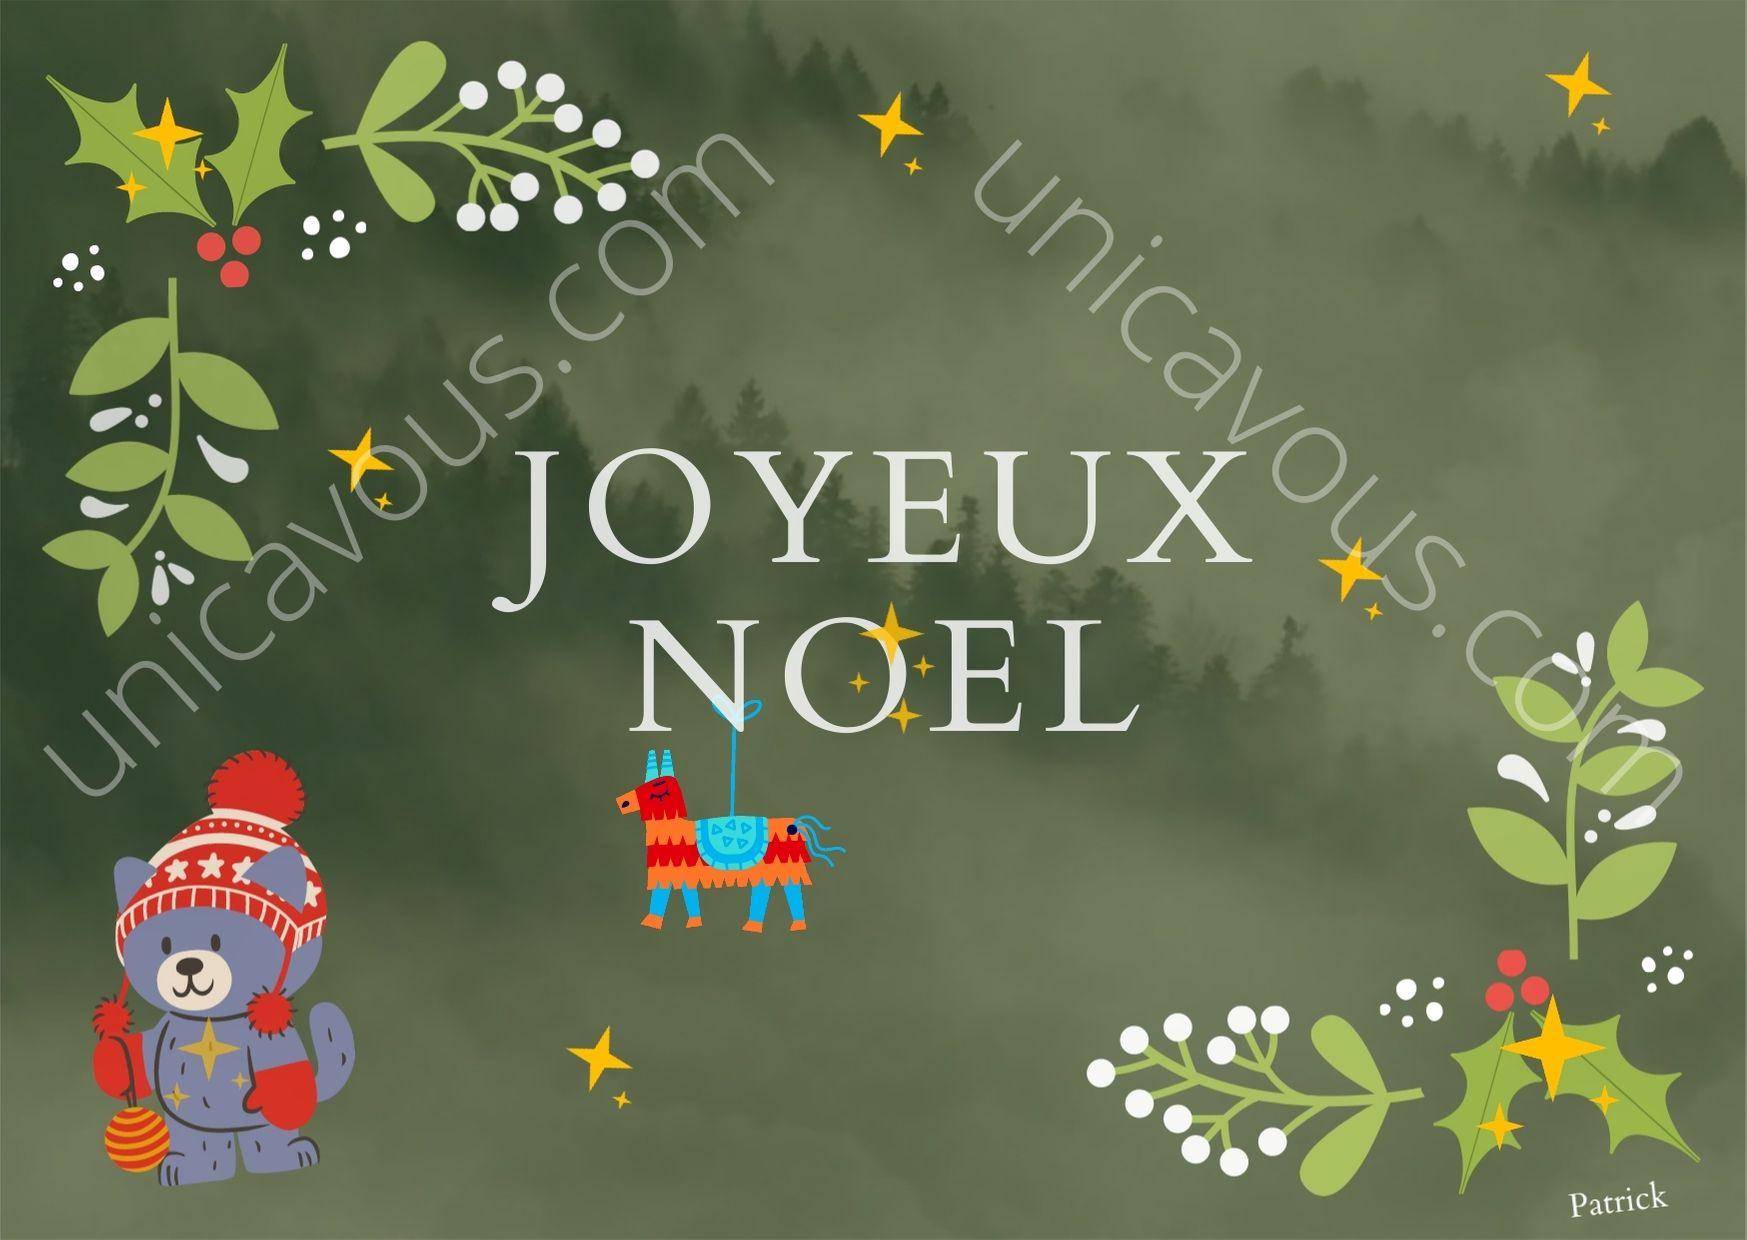 Joyeux Noel_1 fixe protégé